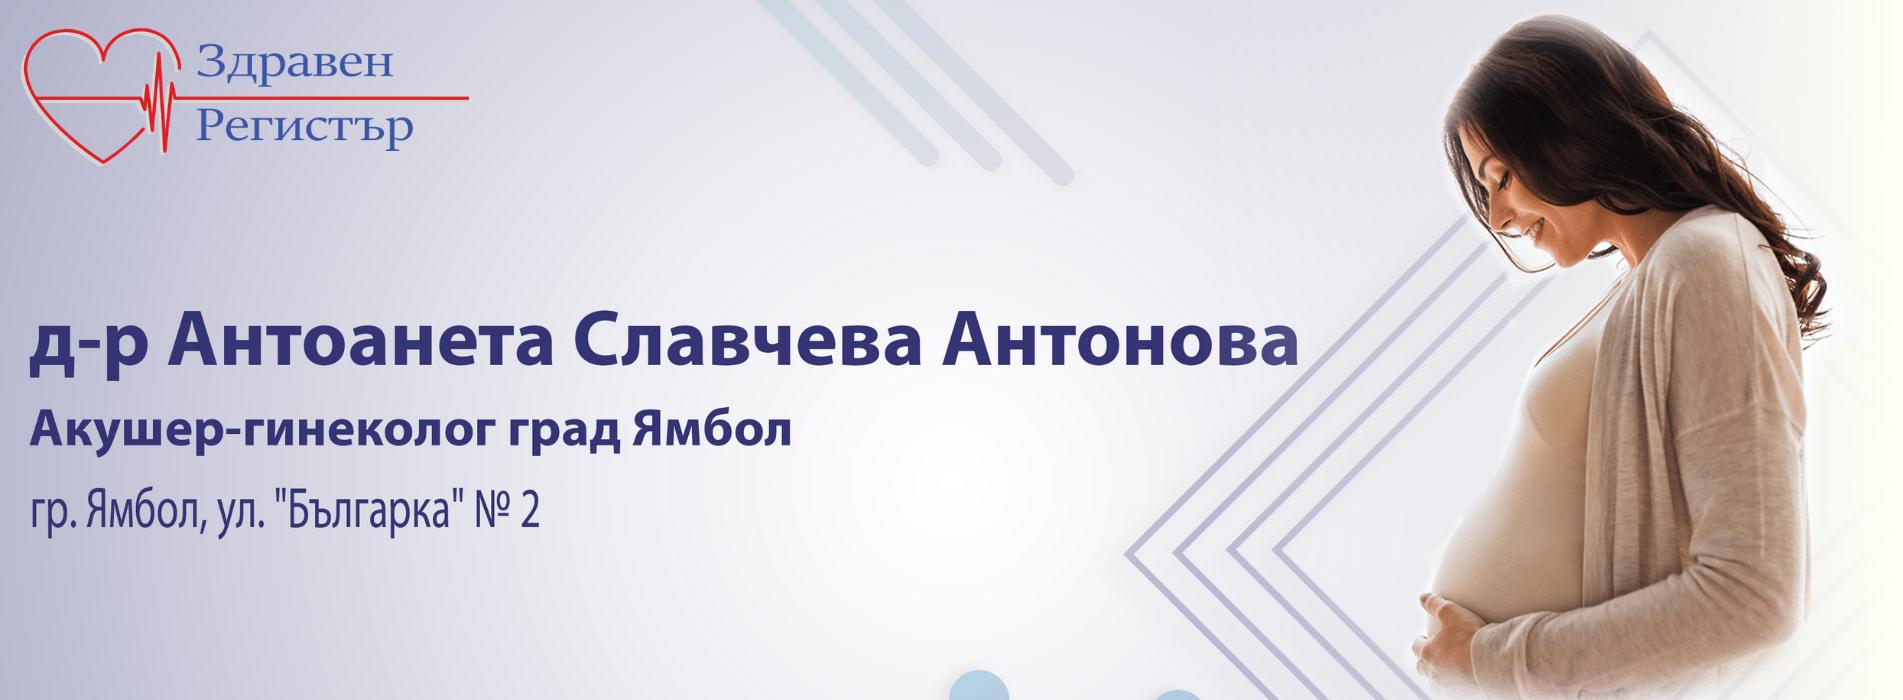 АНТОАНЕТА СЛАВЧЕВА АНТОНОВА - гинеколог град Ямбол